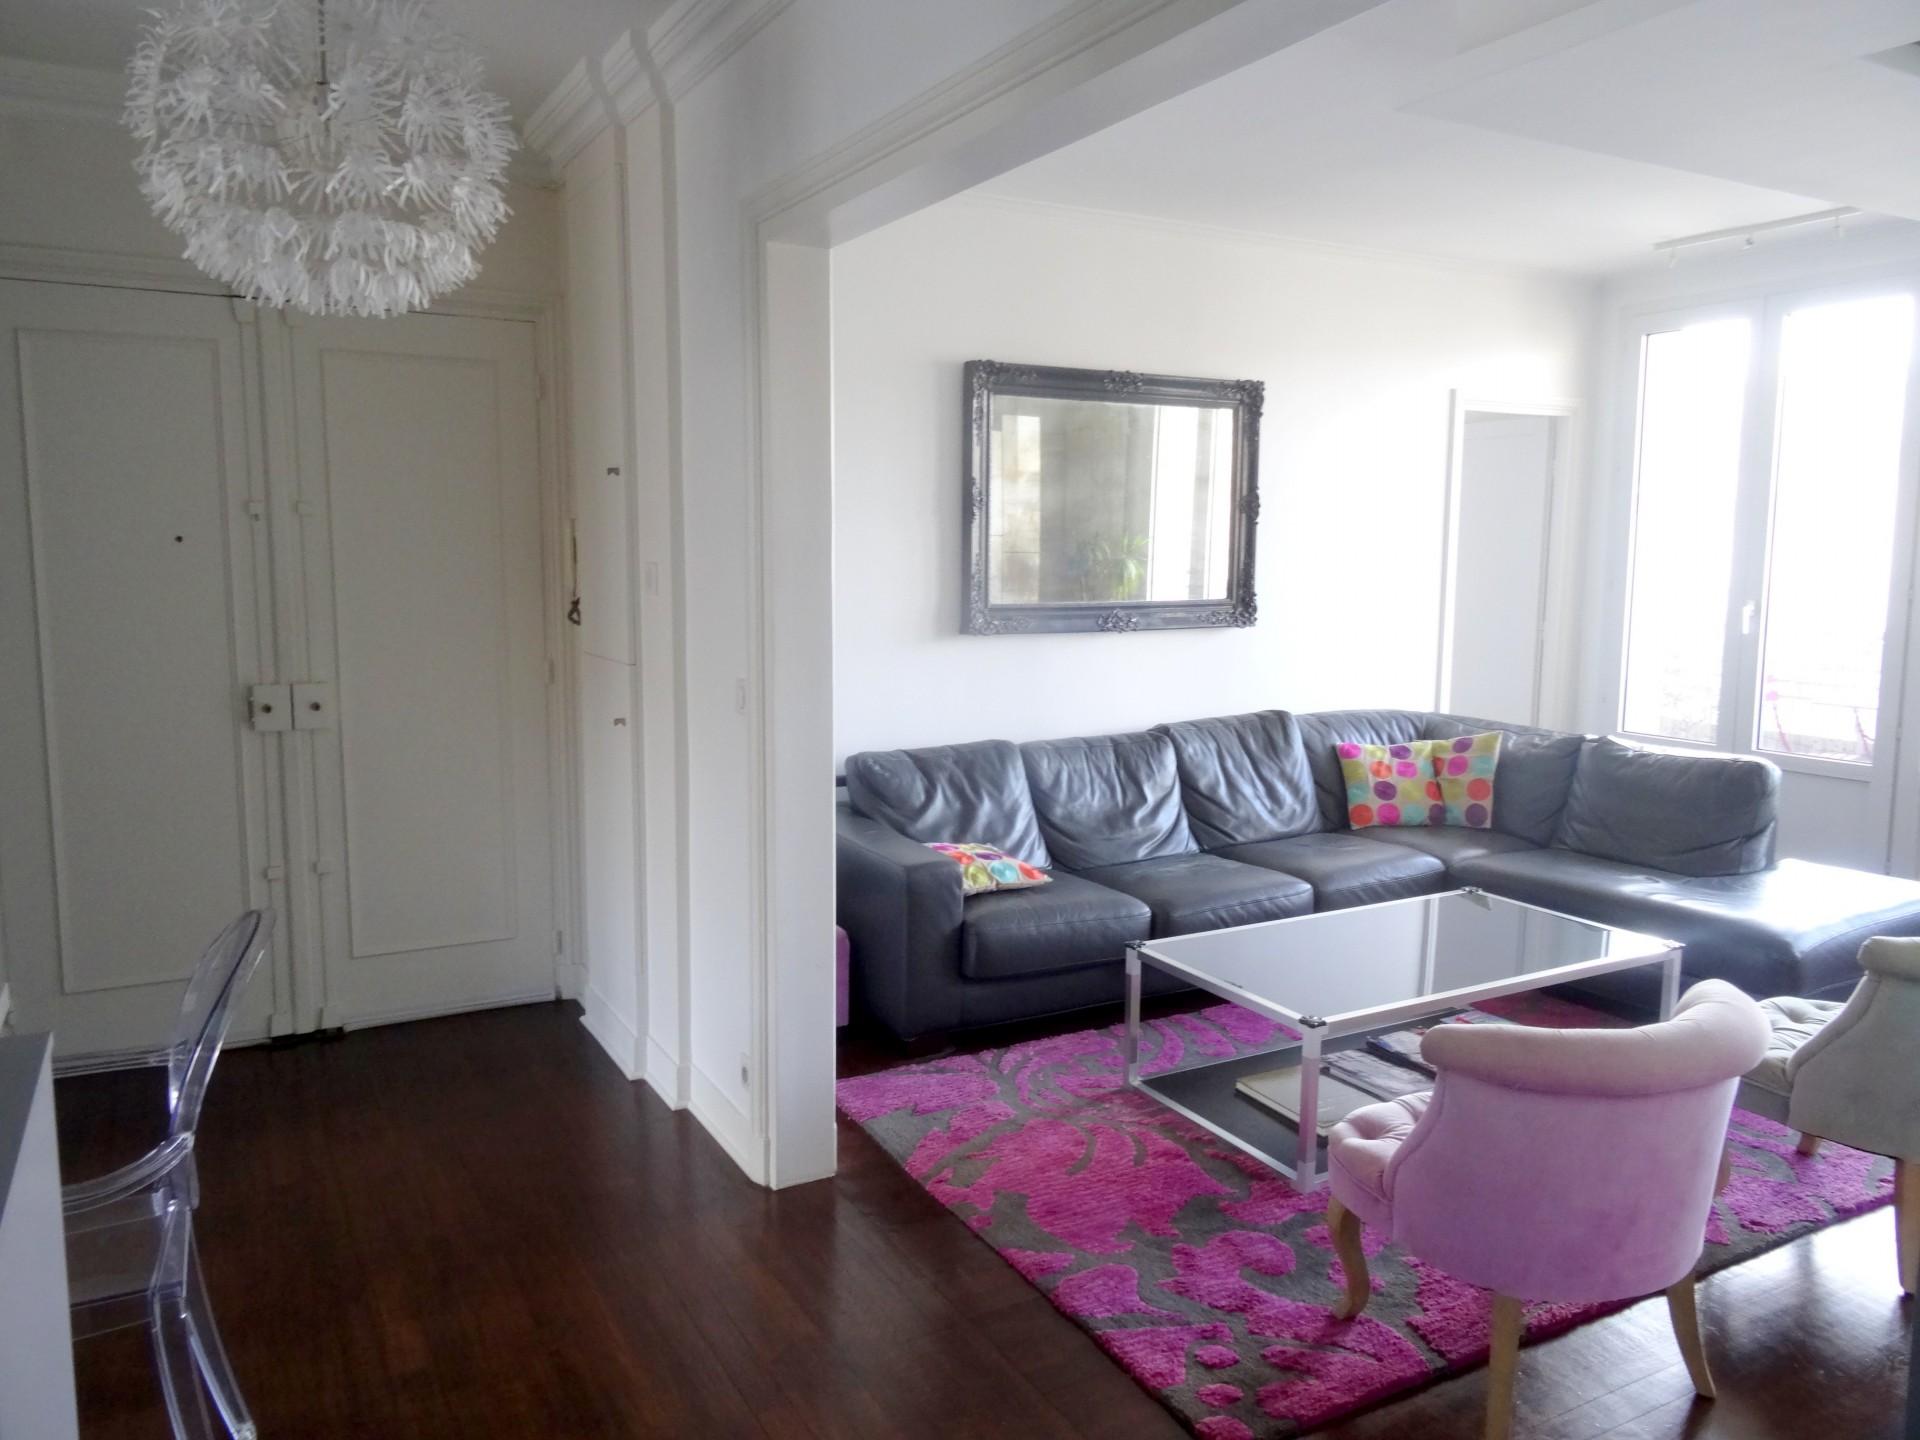 la-clef-des-villes-agence-immobiliere-boulogne-billancourt-photo-appartement-route-de-la-reine-entree